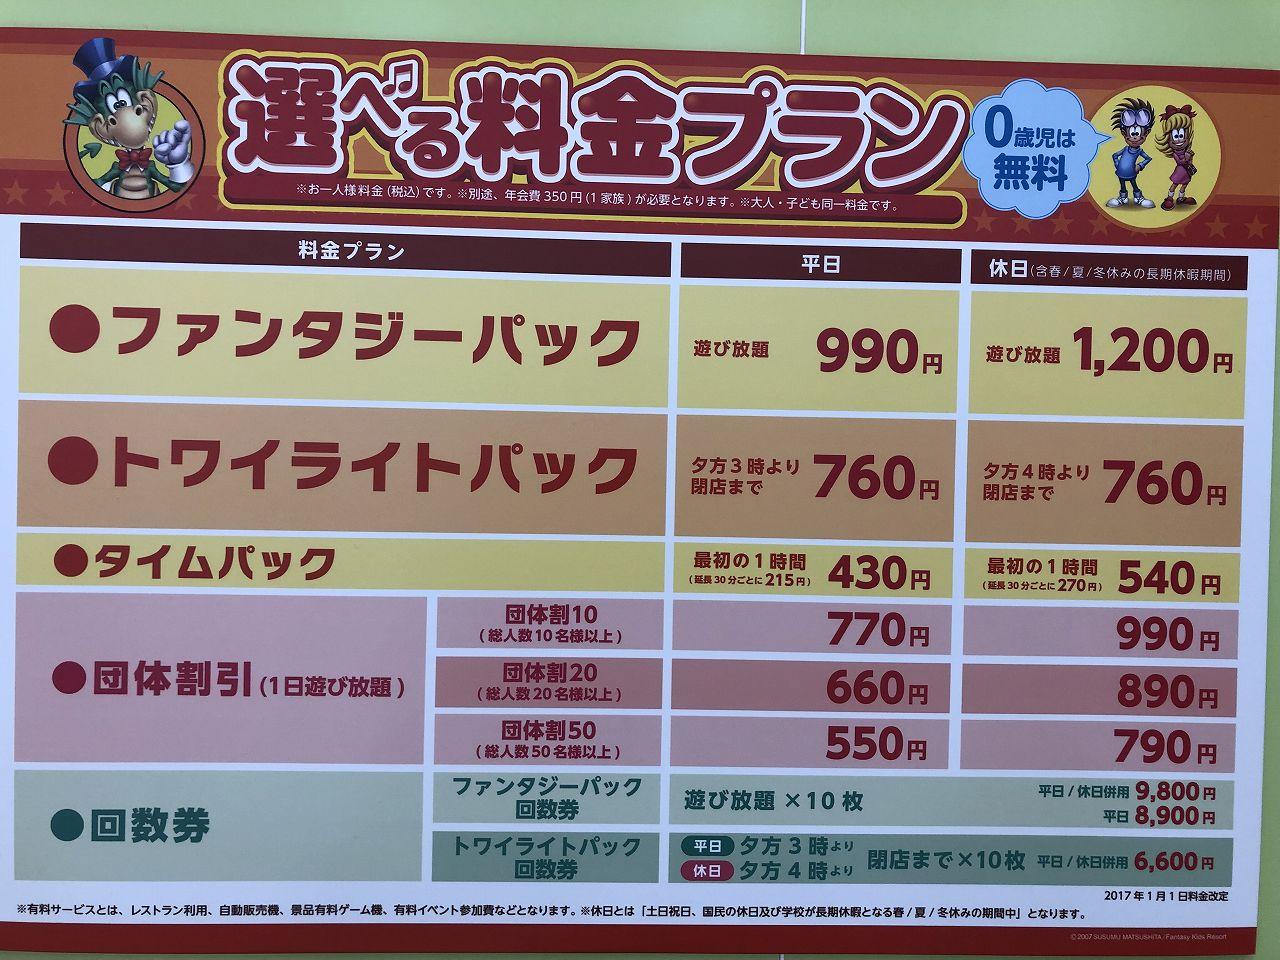 ファンタジーキッズリゾート船橋店の料金体系